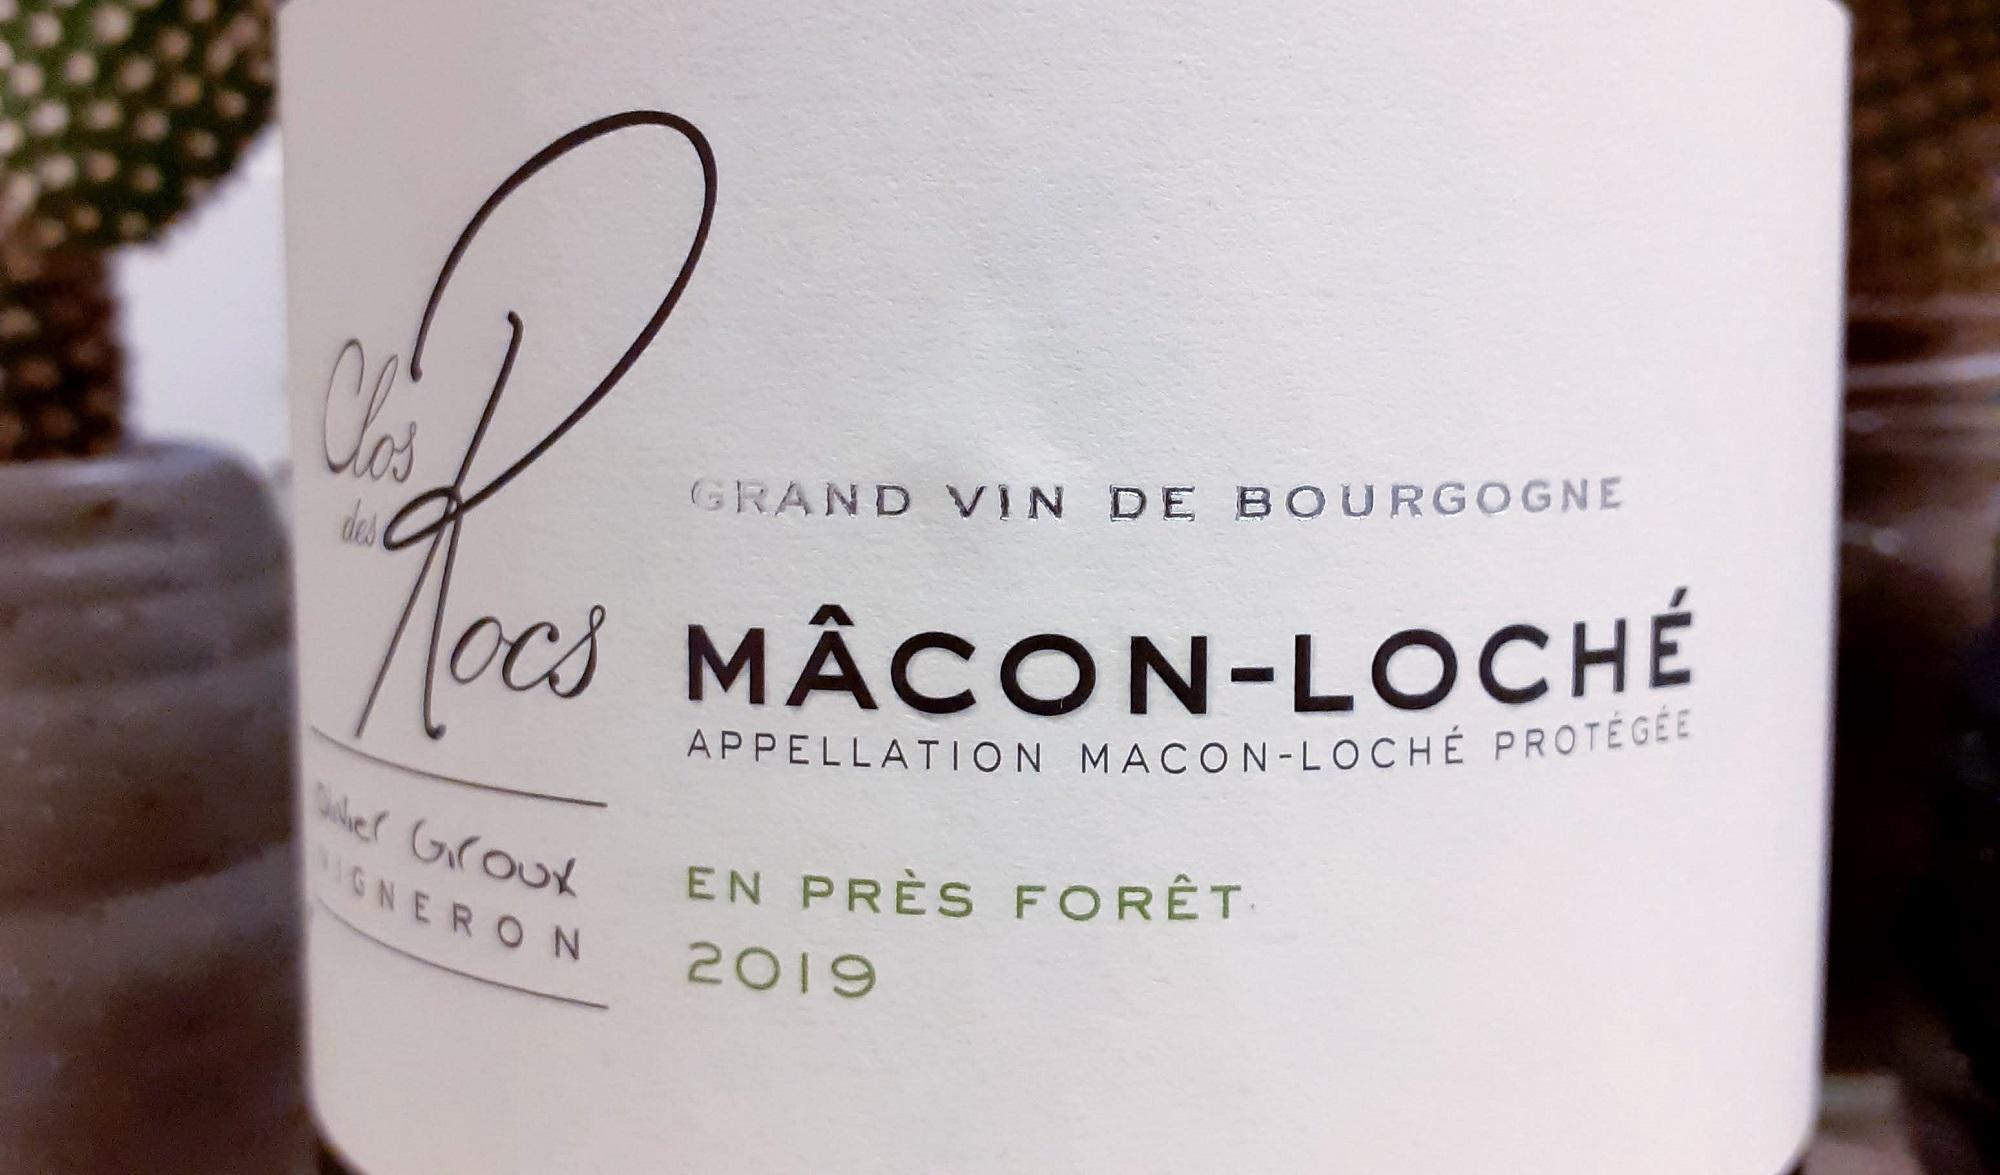 Clos de Rocs En Près Forêt Mâcon-Loché AOP 2019